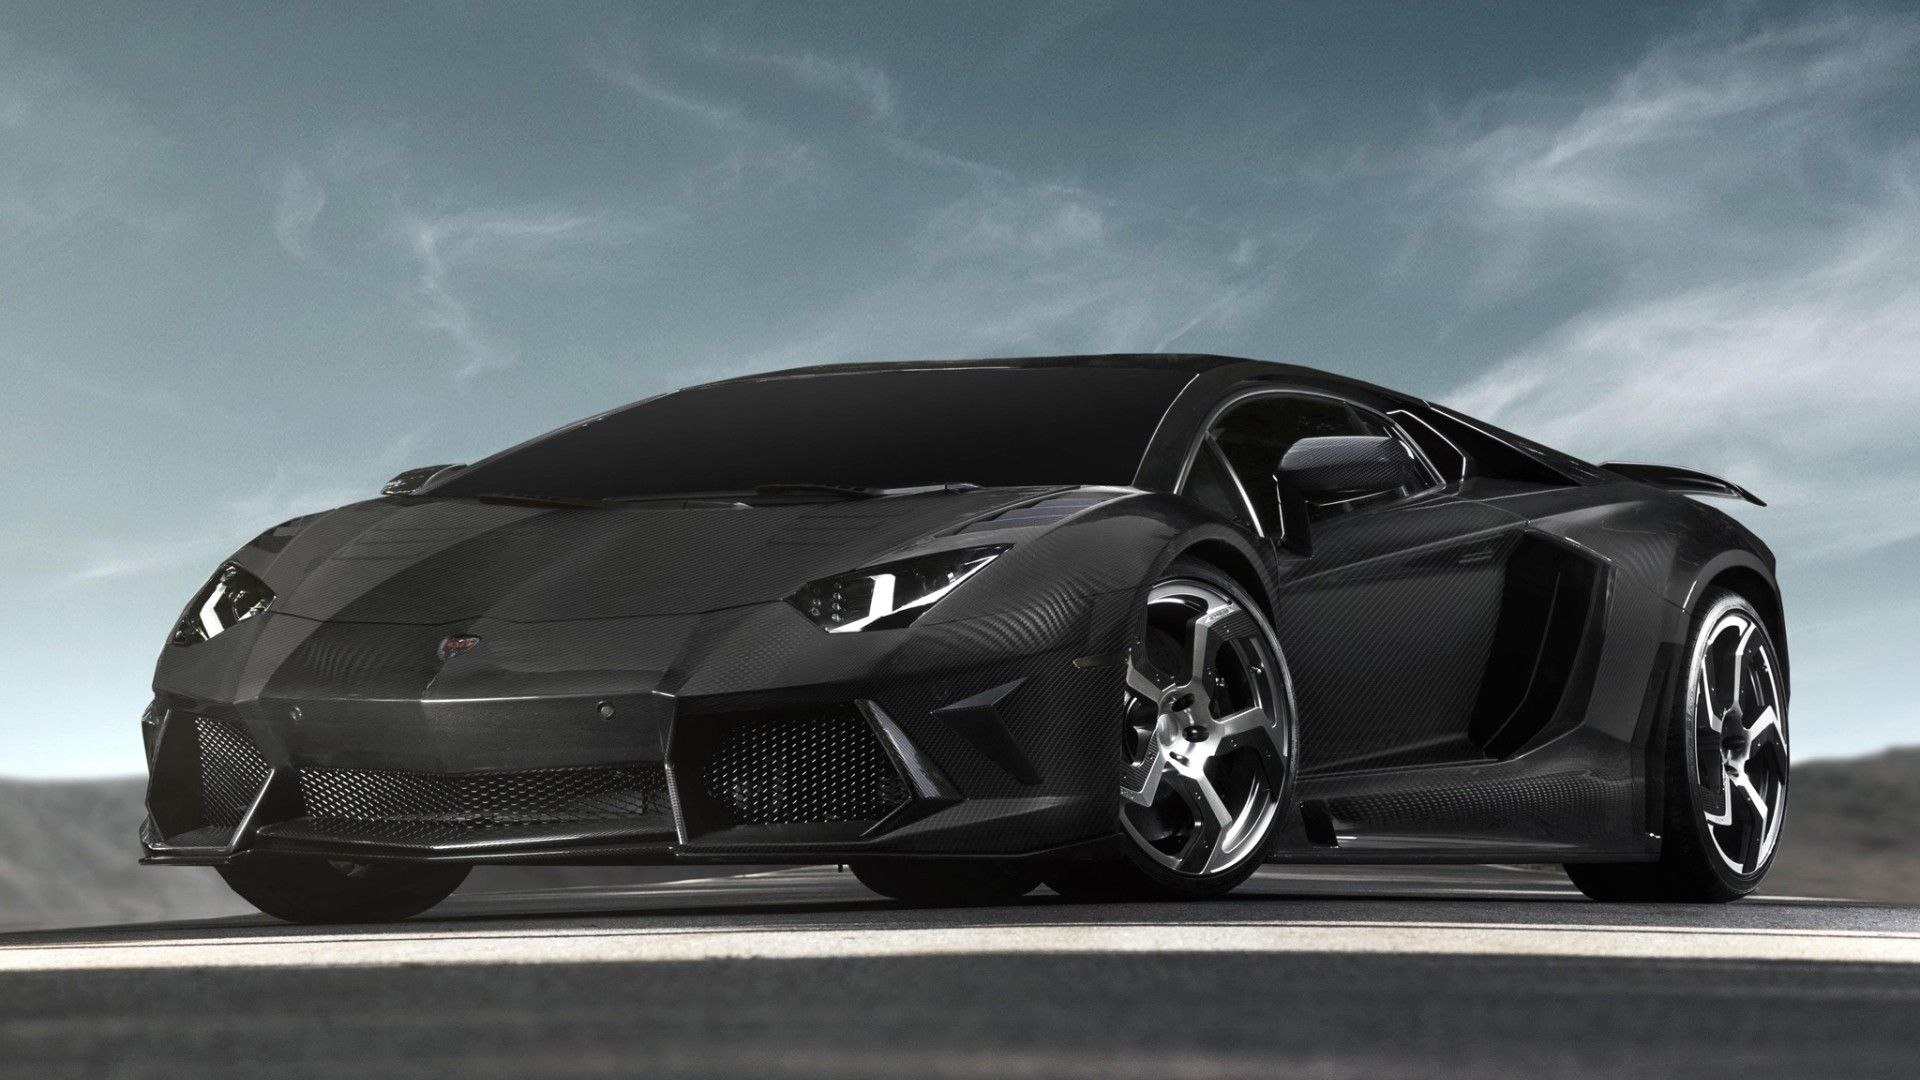 Unique Lamborghini Sinistro Hd Wallpapers Di 2020 Lamborghini Aventador Supercars Mobil